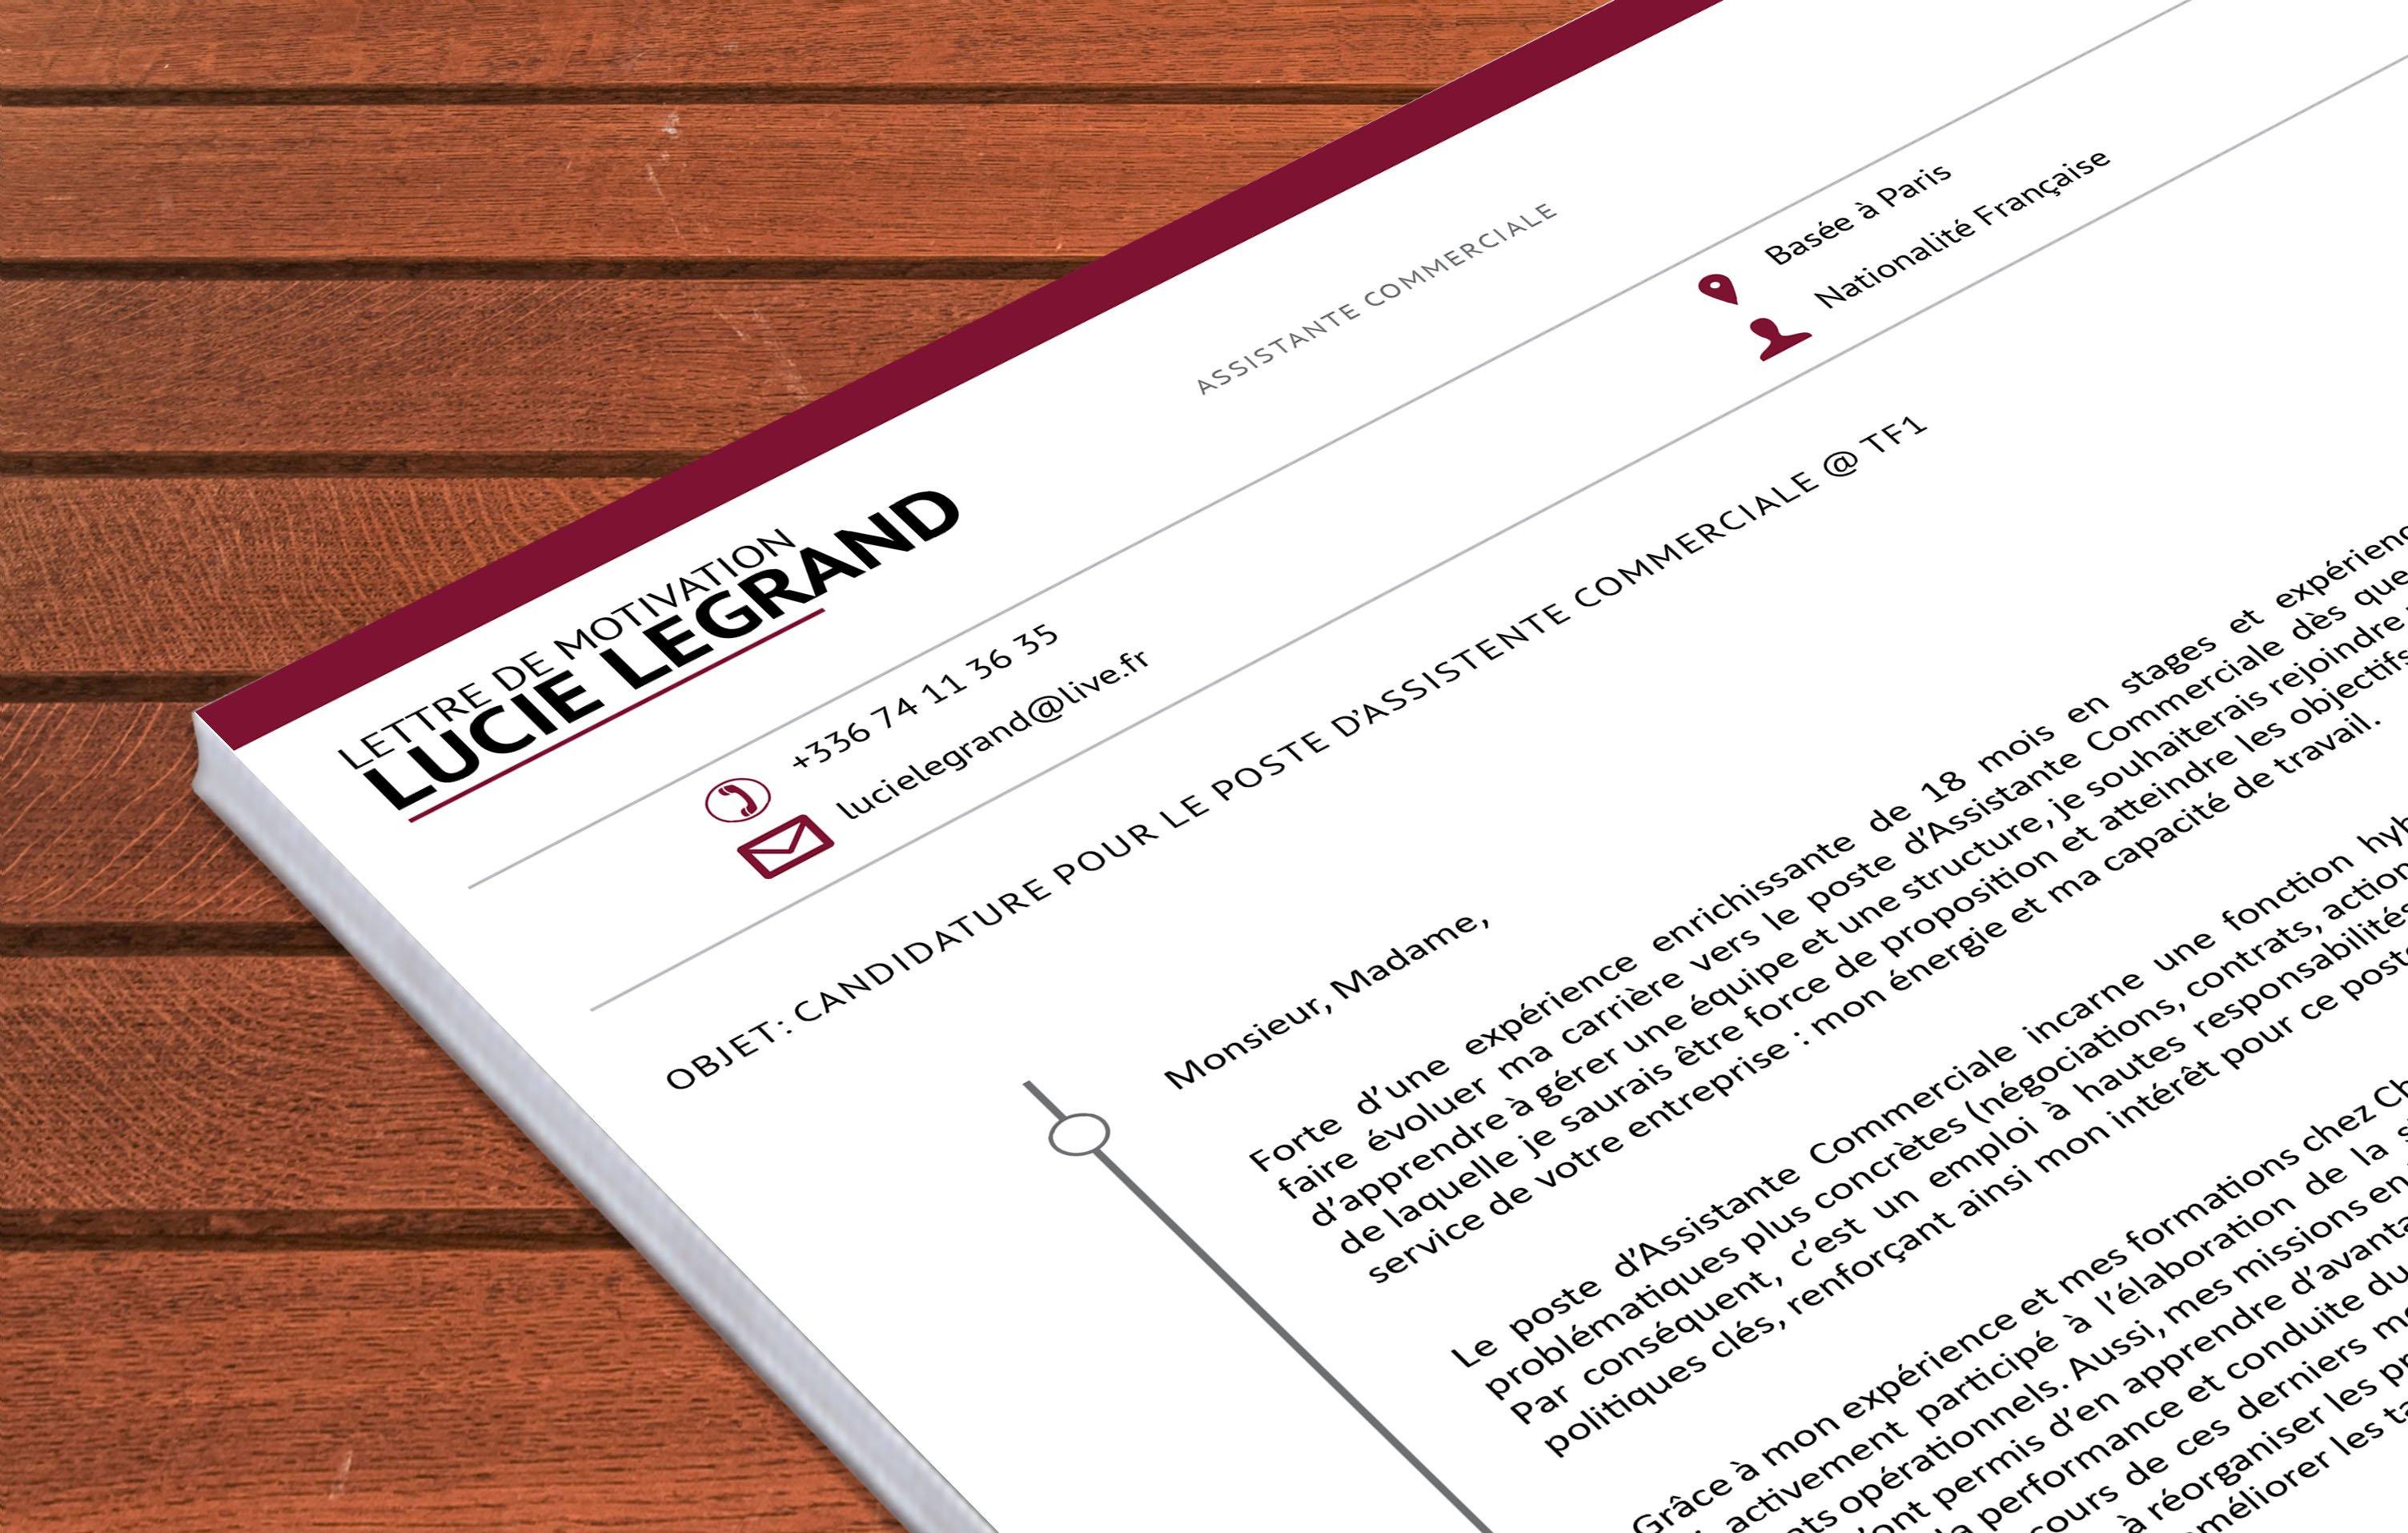 mycvfactory-cover-letter-la-rose-1_jPciGyC.jpg